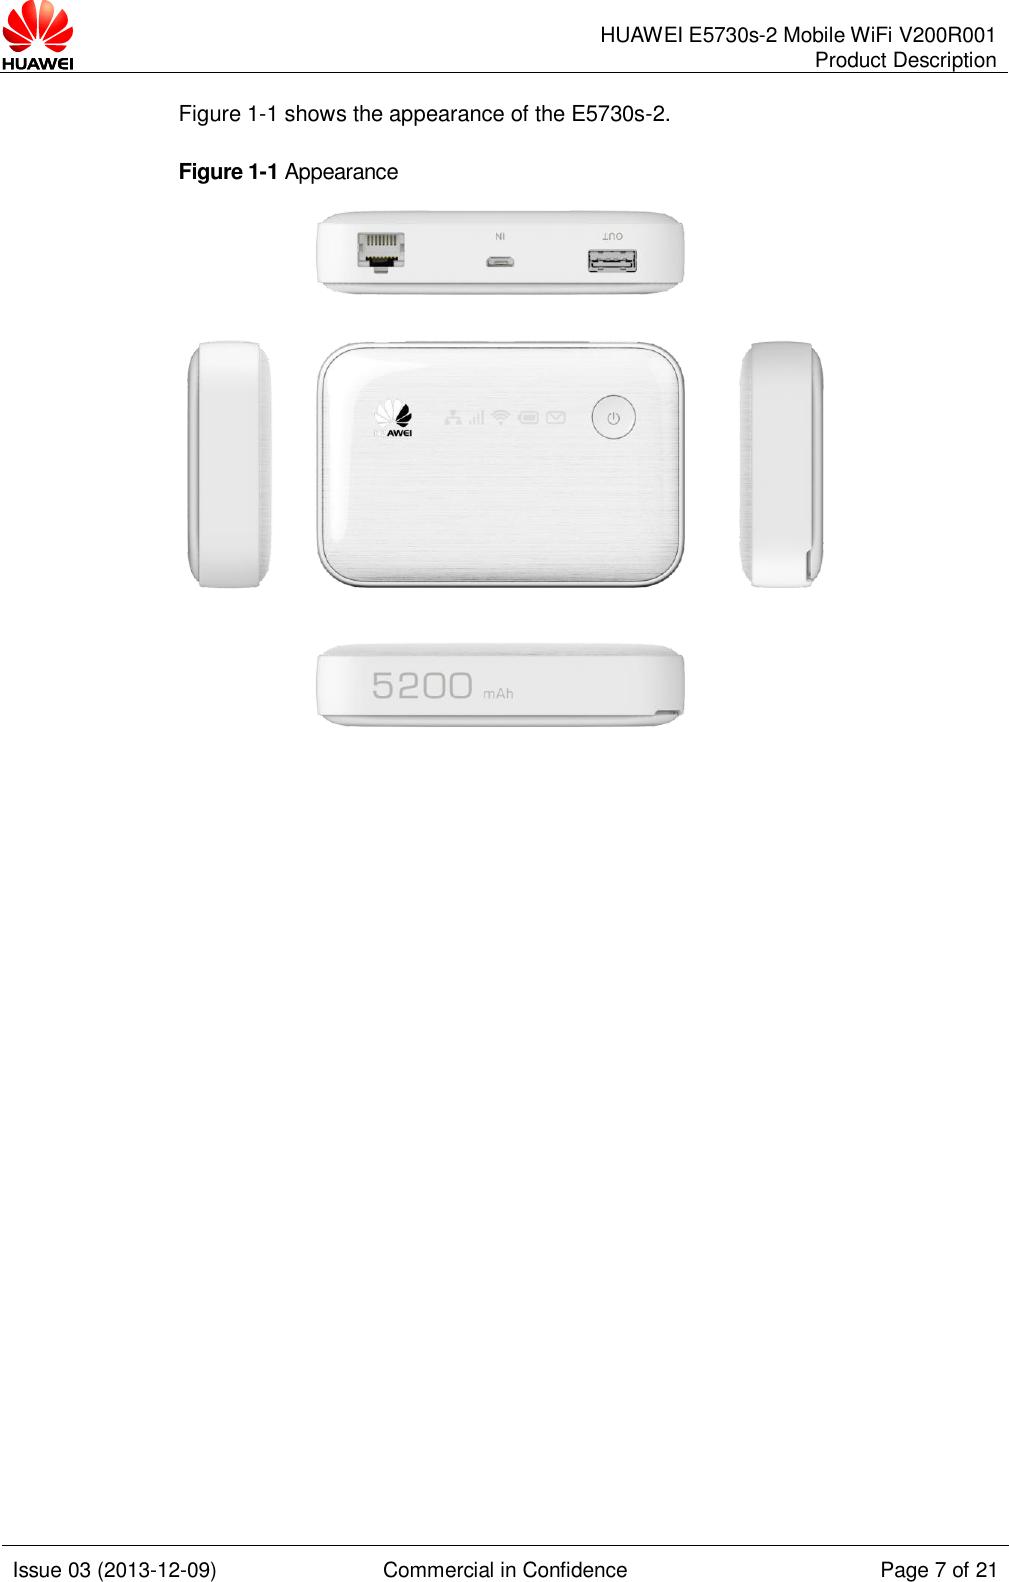 Huawei [ 使用工具条红框内的按钮,设置封面及页眉页脚的文档说明信息